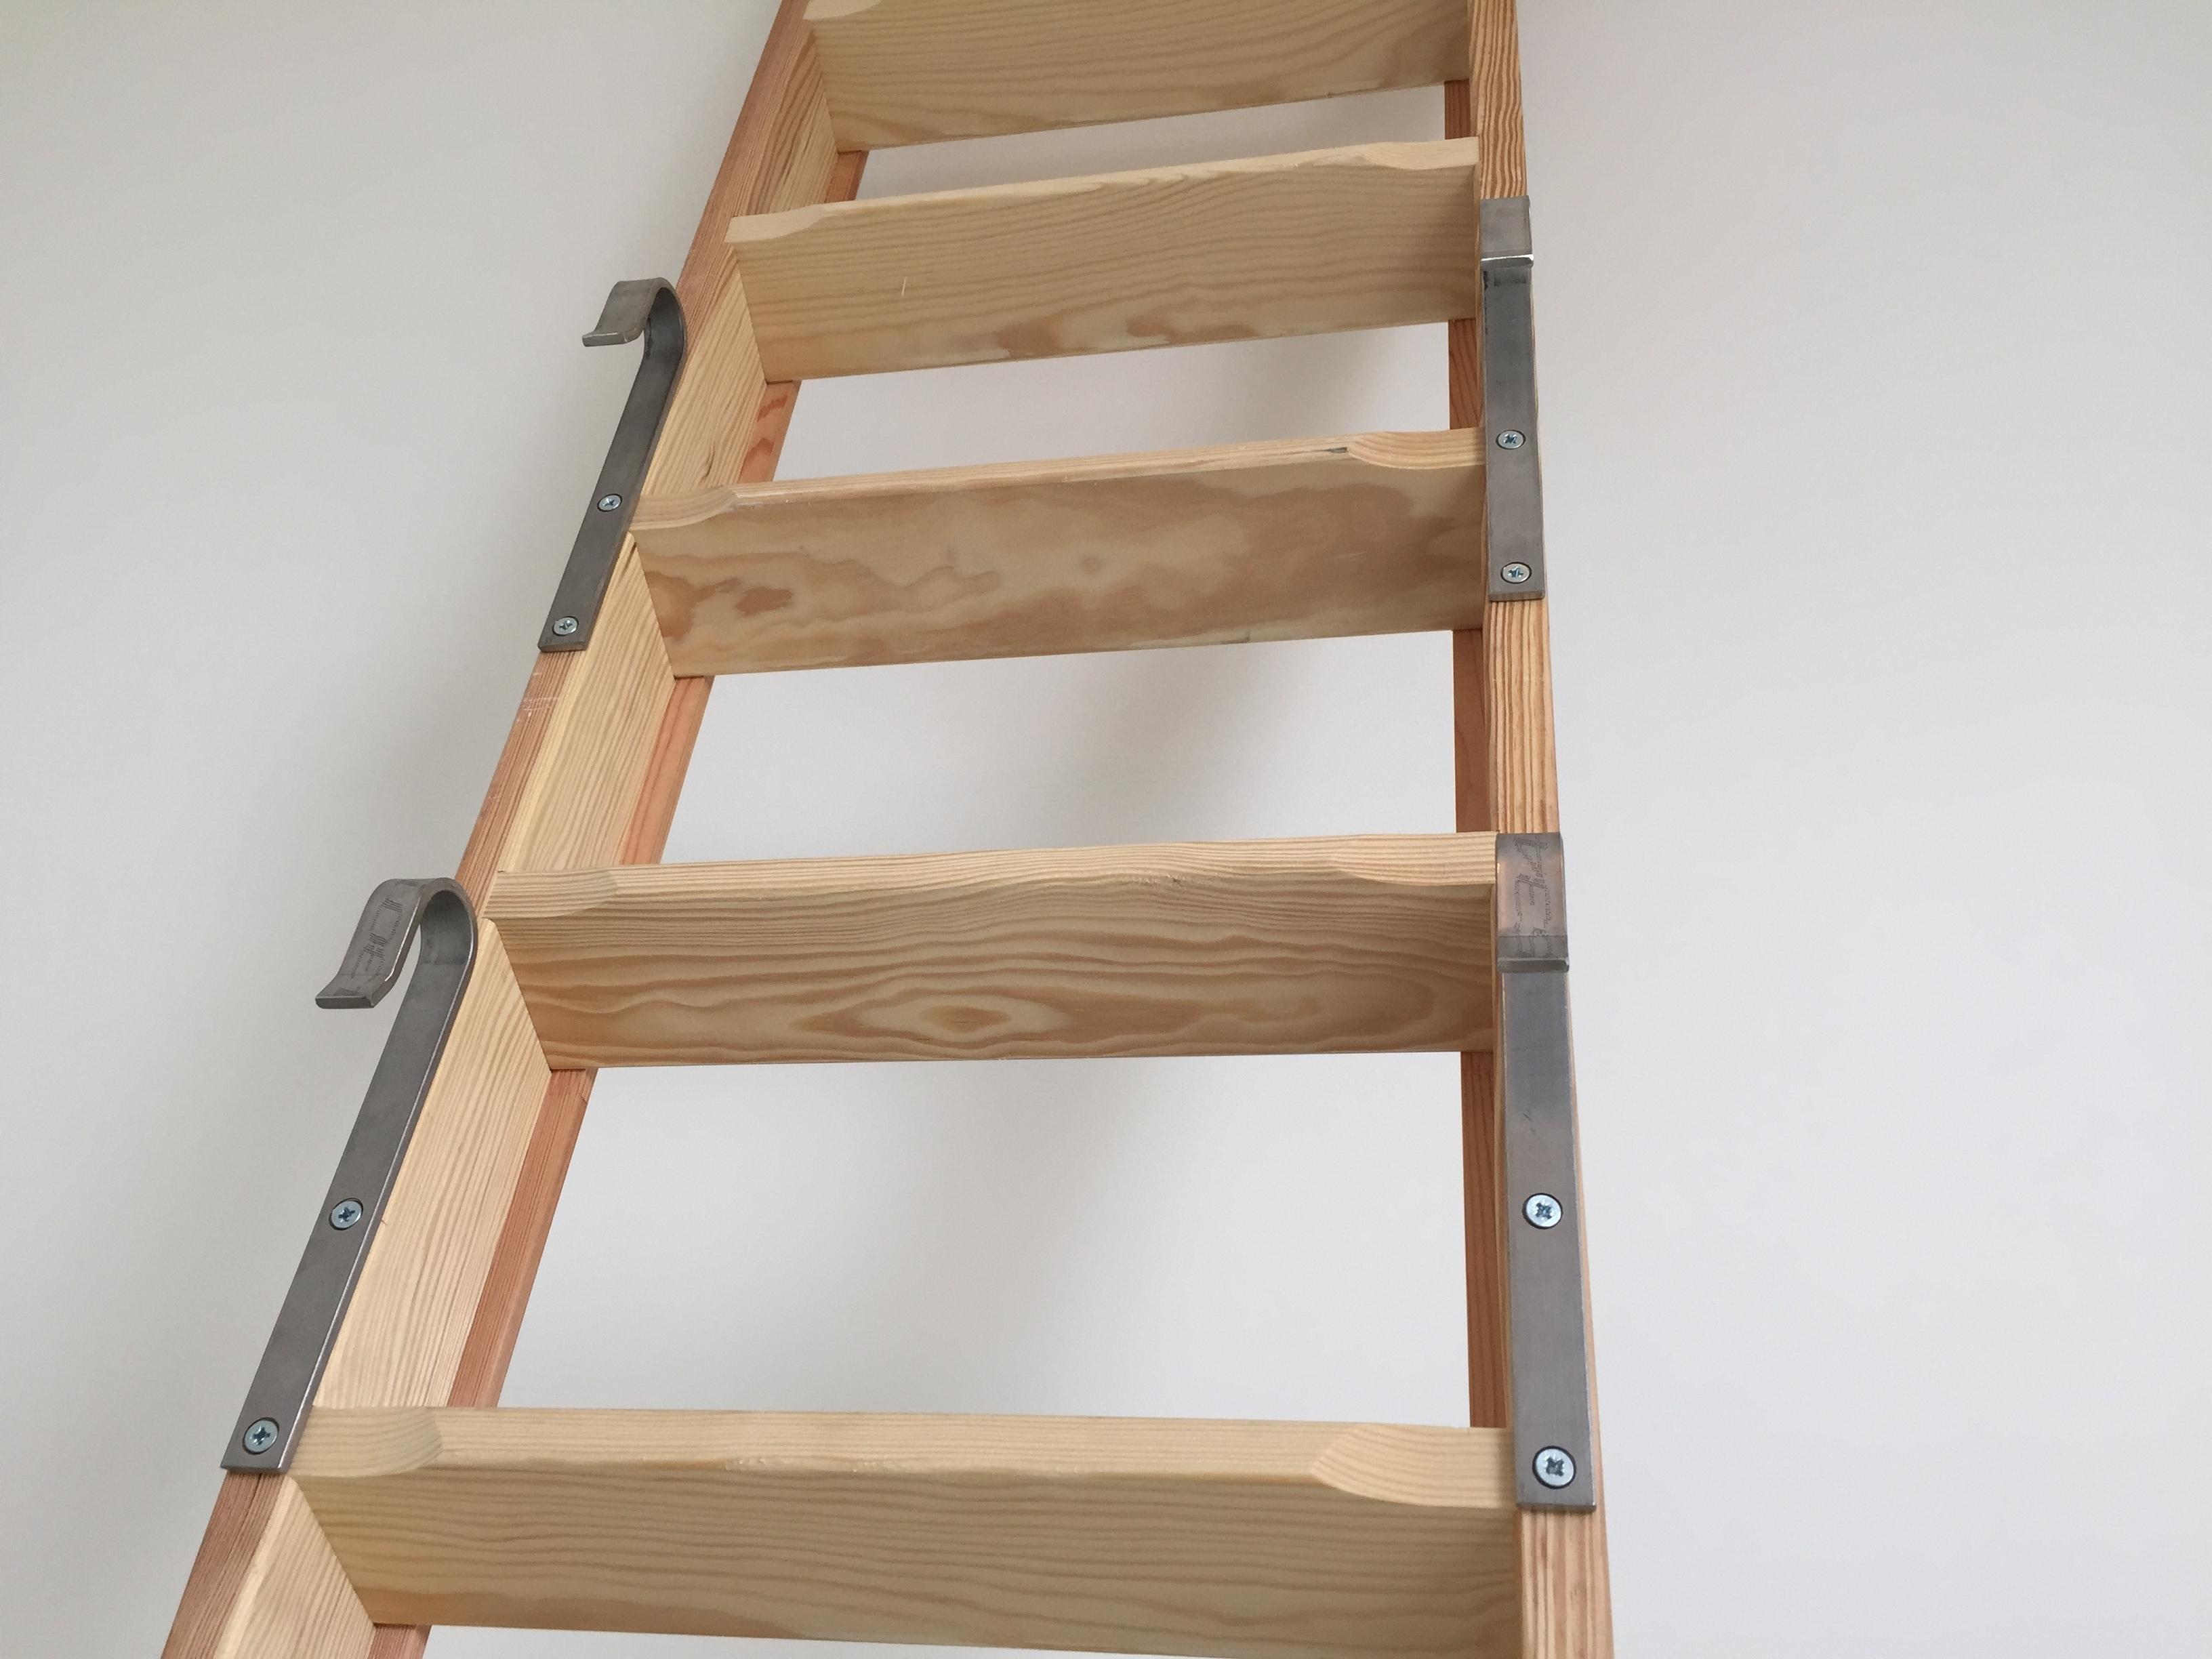 Iets Nieuws Zolder trap / ladder | voordemakers.nl &XI48